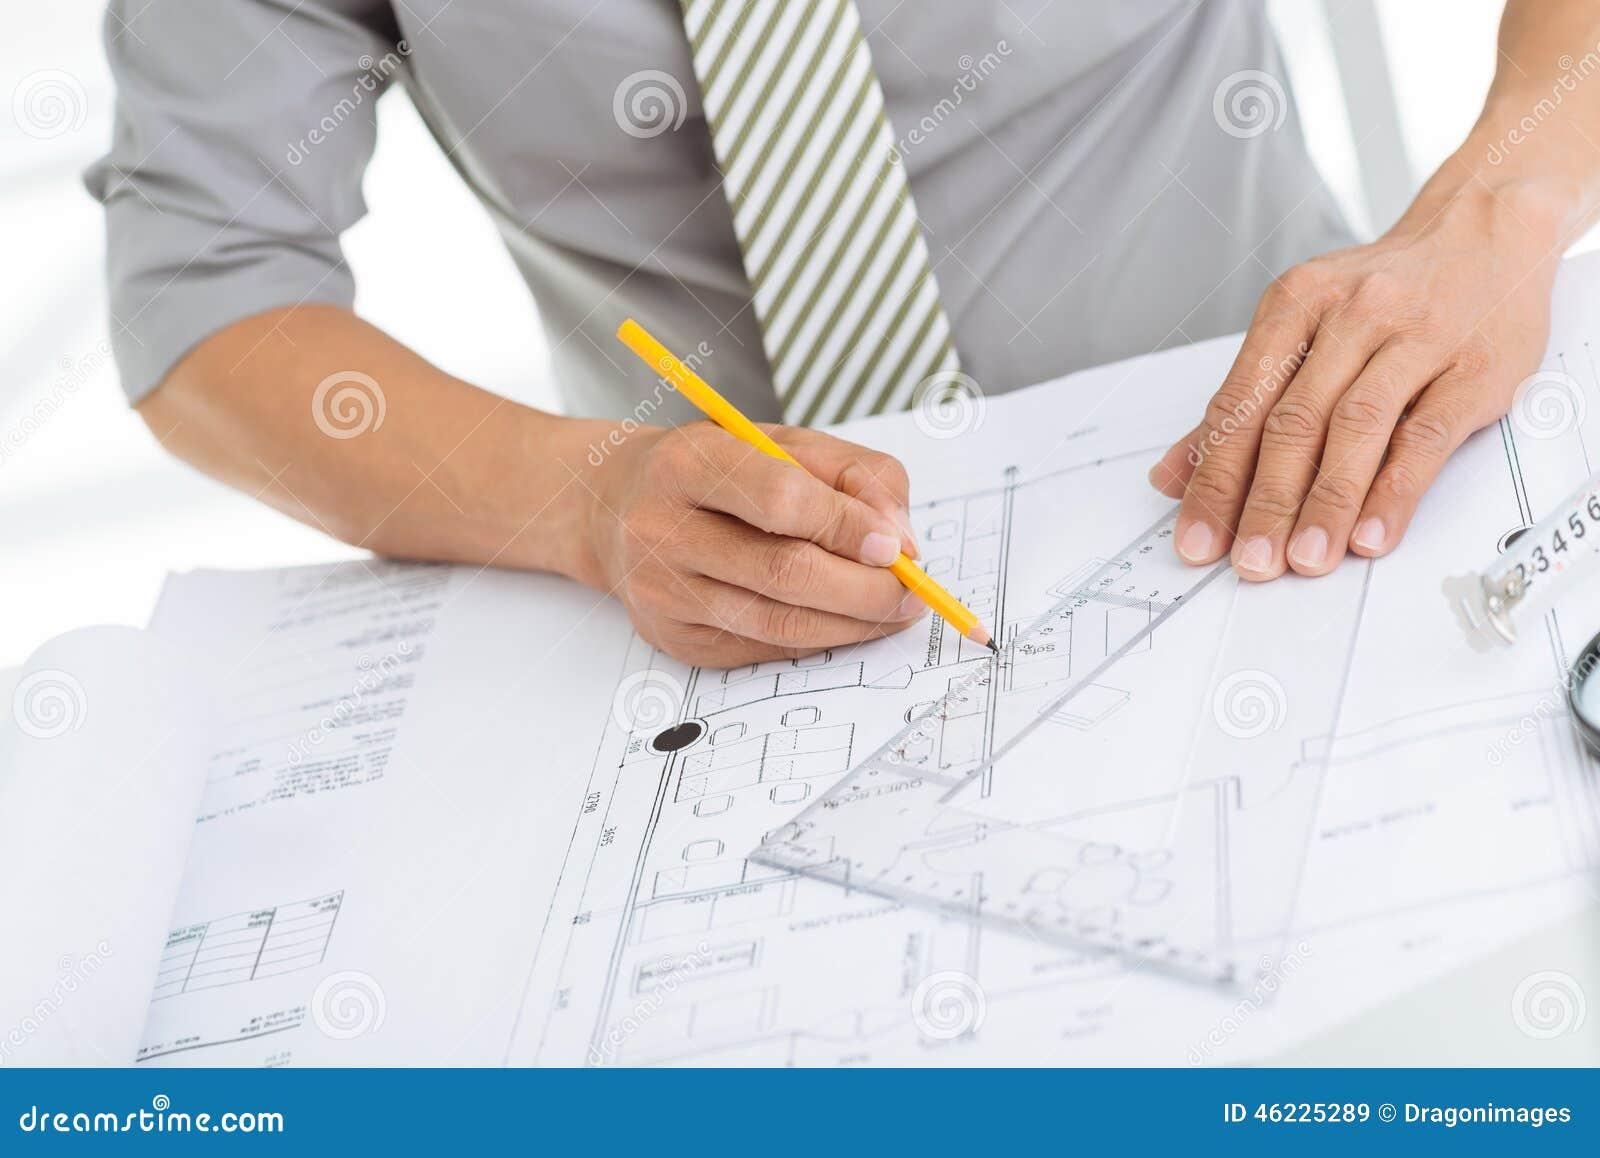 Διορθώνοντας σχεδιάγραμμα